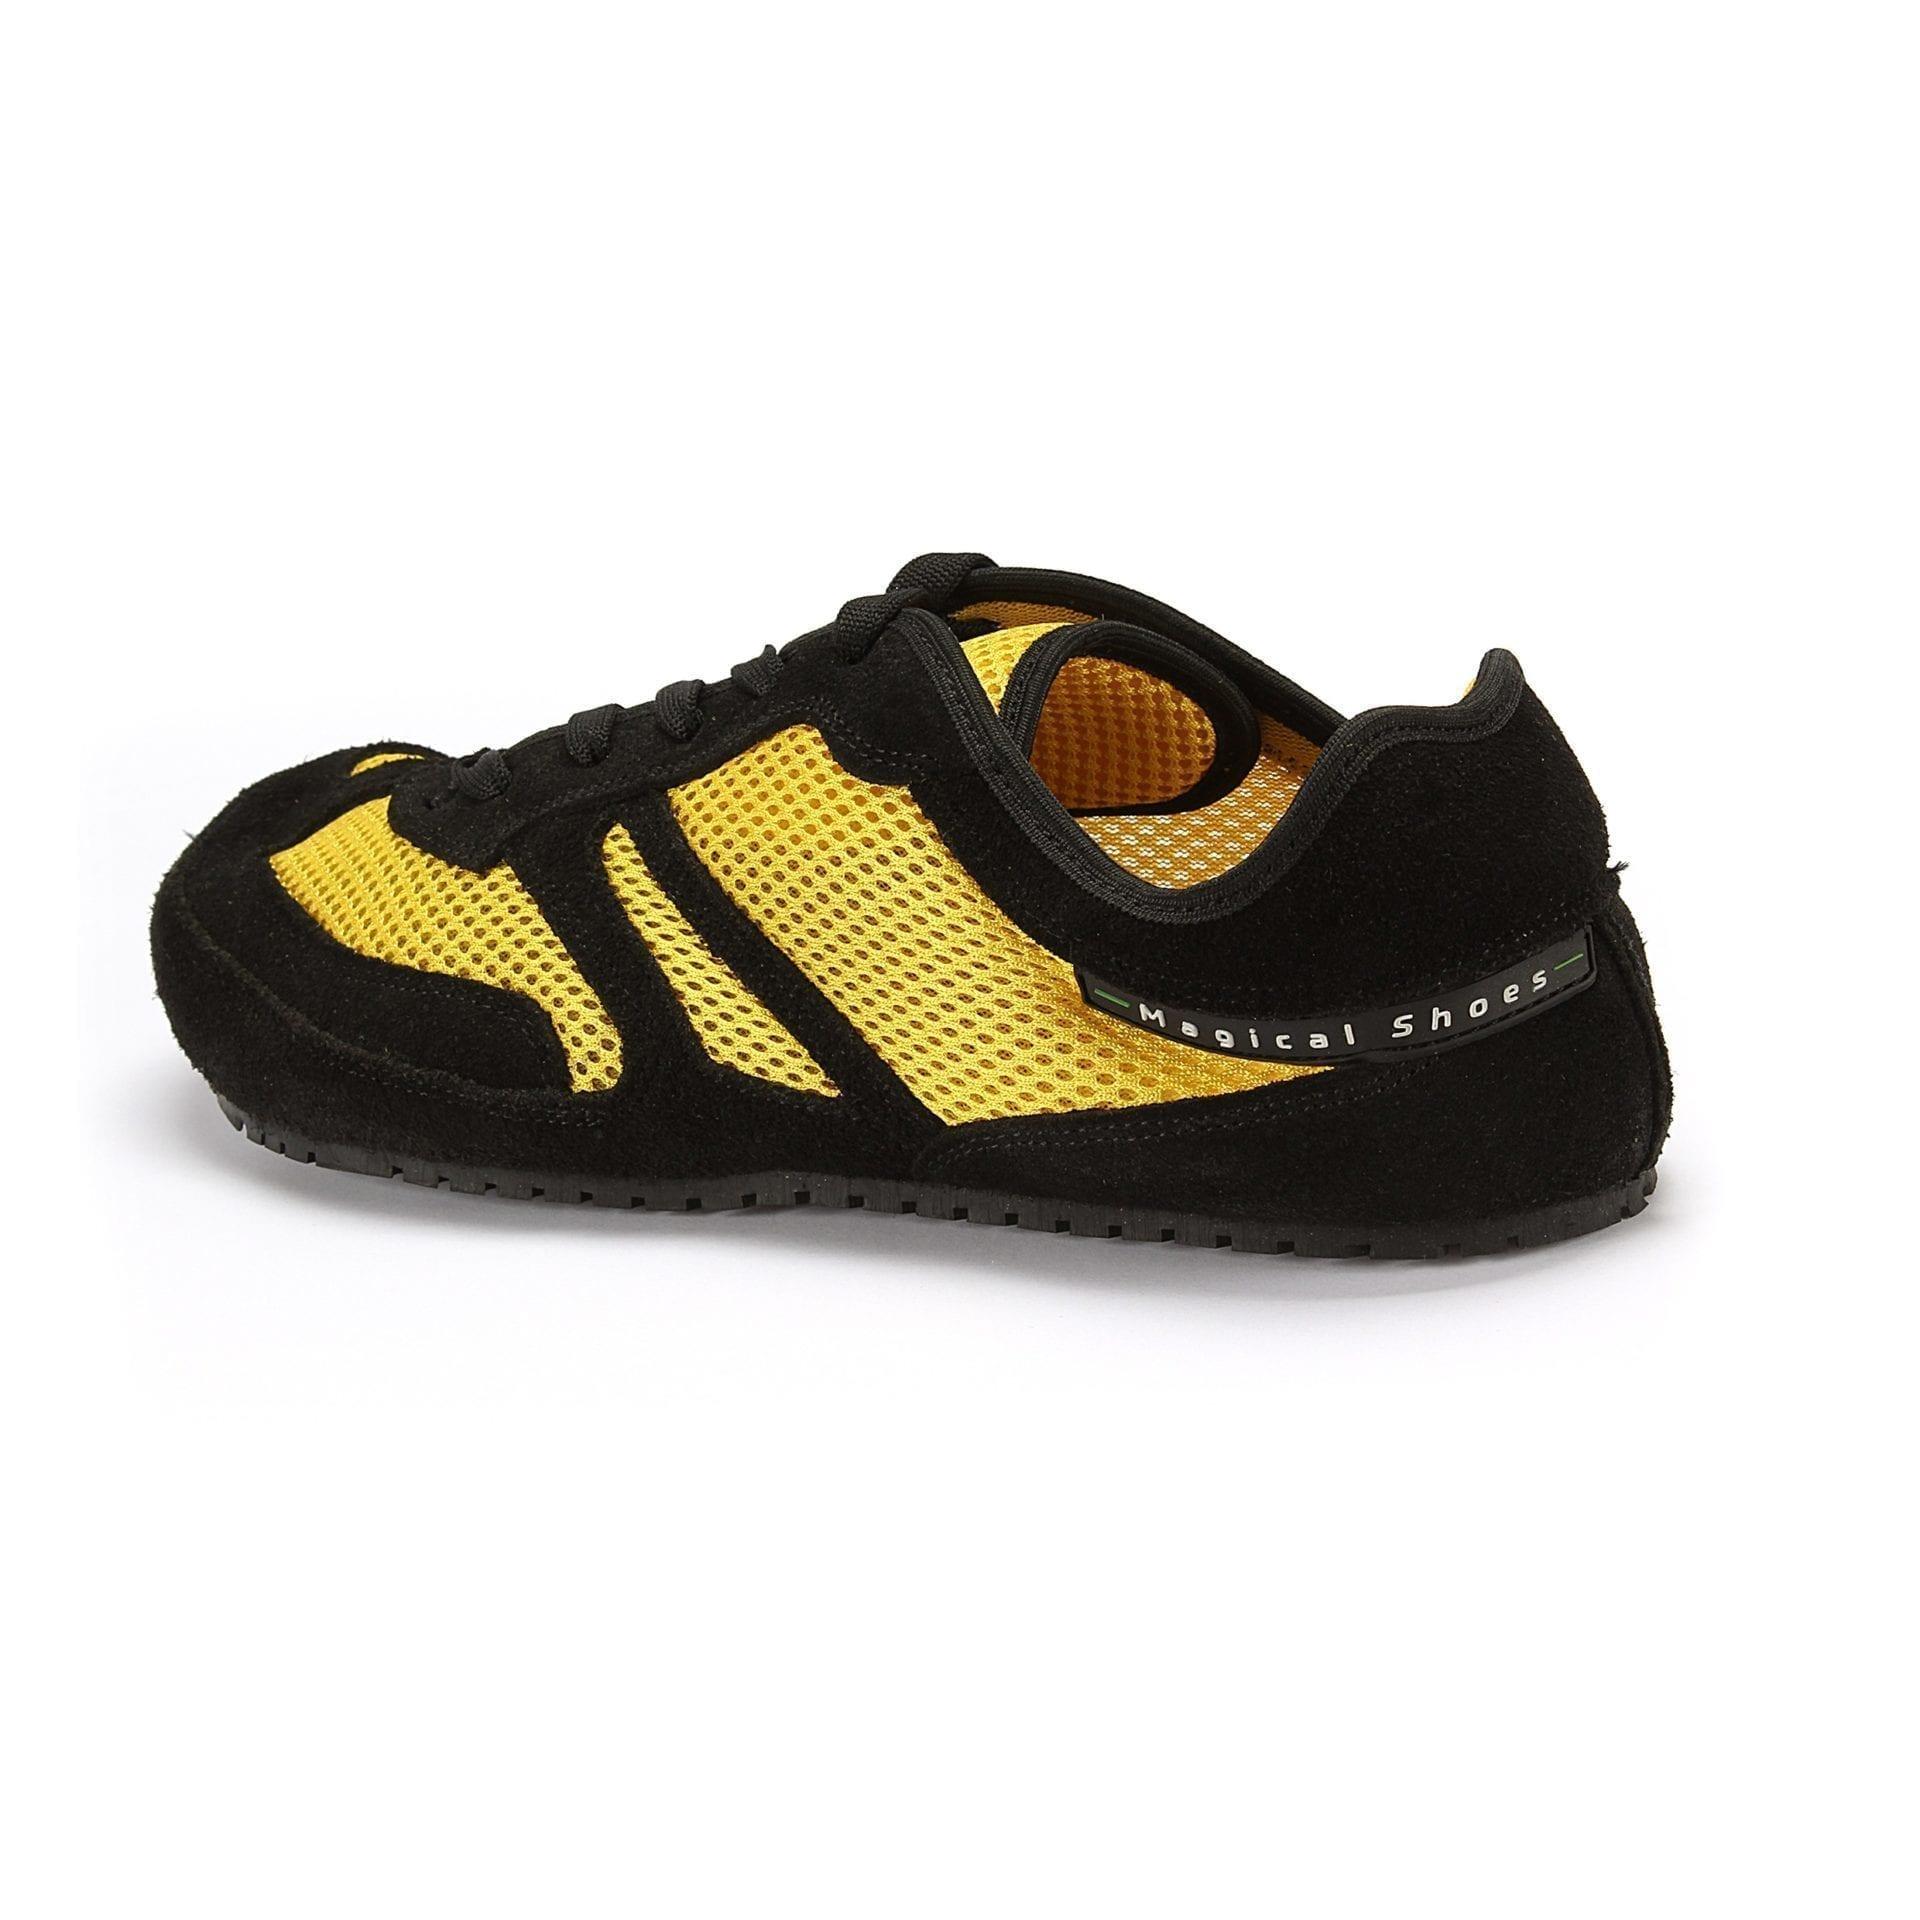 Barfußschuh-Hersteller Magical Shoes Explorer Lemon Splash  Barfußschuhe für natürliches und gesundes Gehen & Laufen zero drop